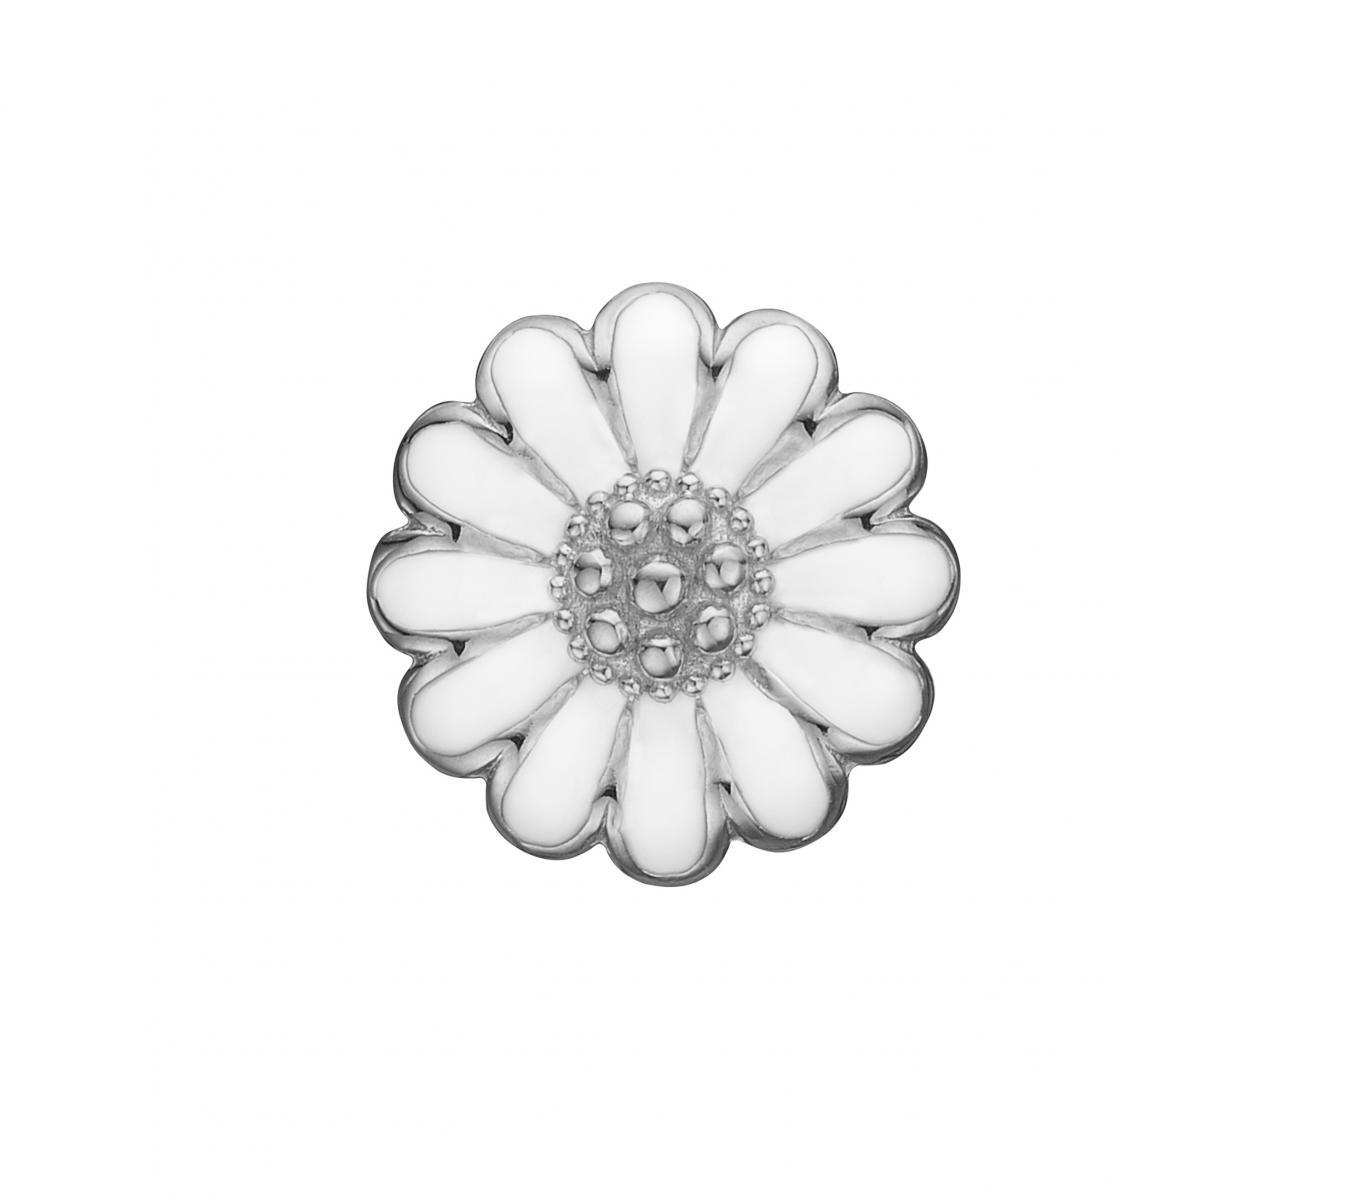 Christina marguerite sølv charm - 650-S39